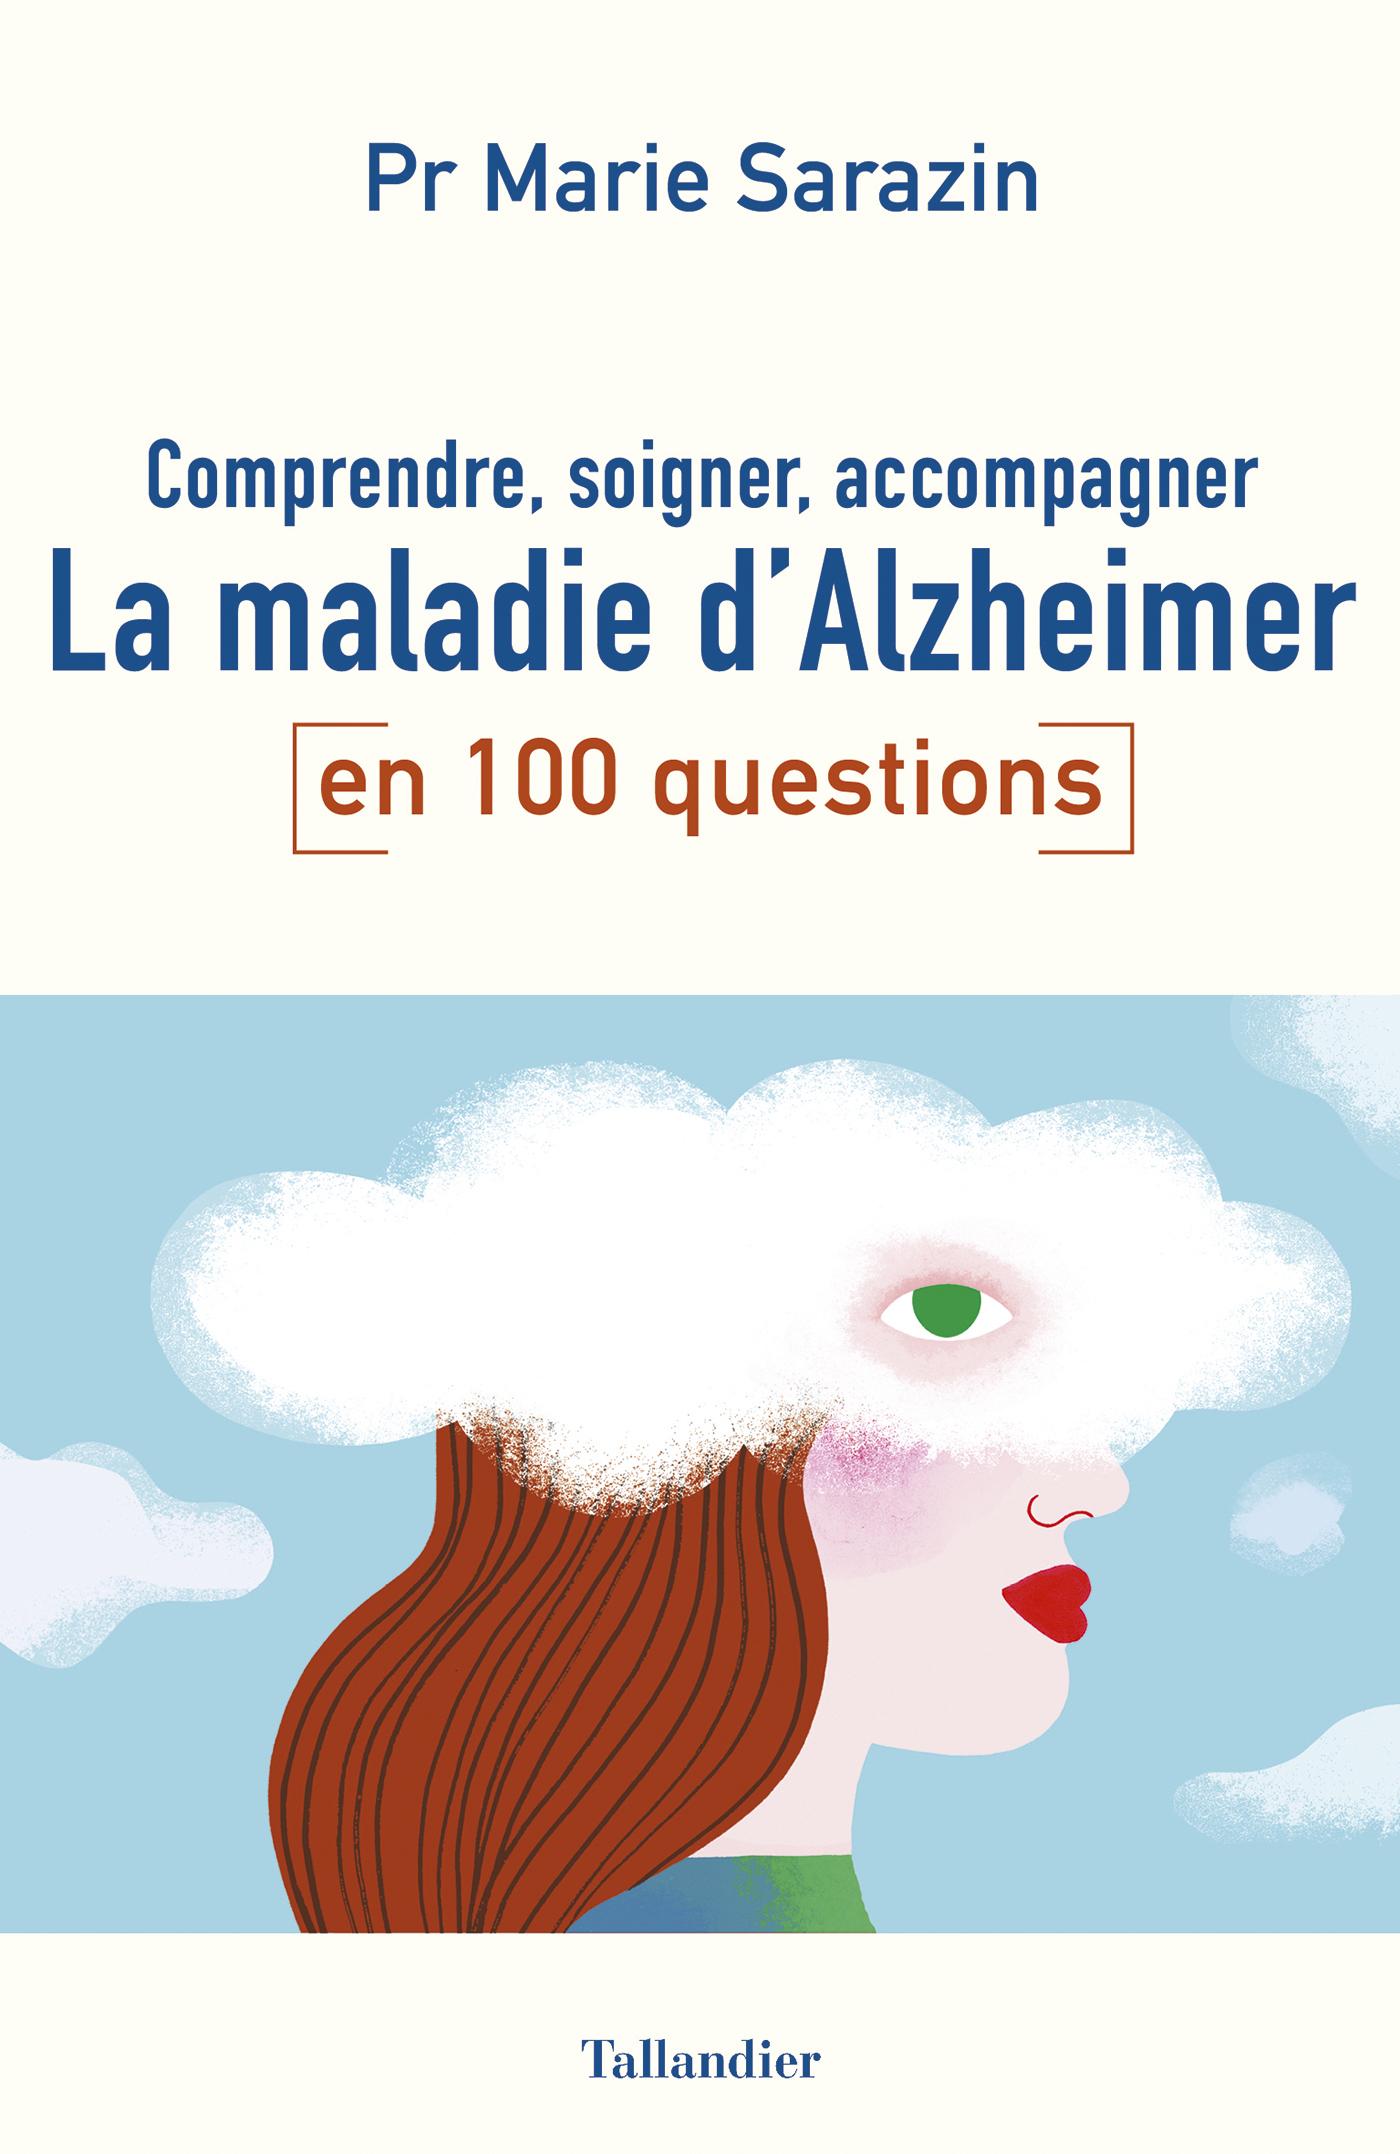 COMPRENDRE, SOIGNER, ACCOMPAGNER LA MALADIE D'ALZHEIMER EN 100 QUESTIONS